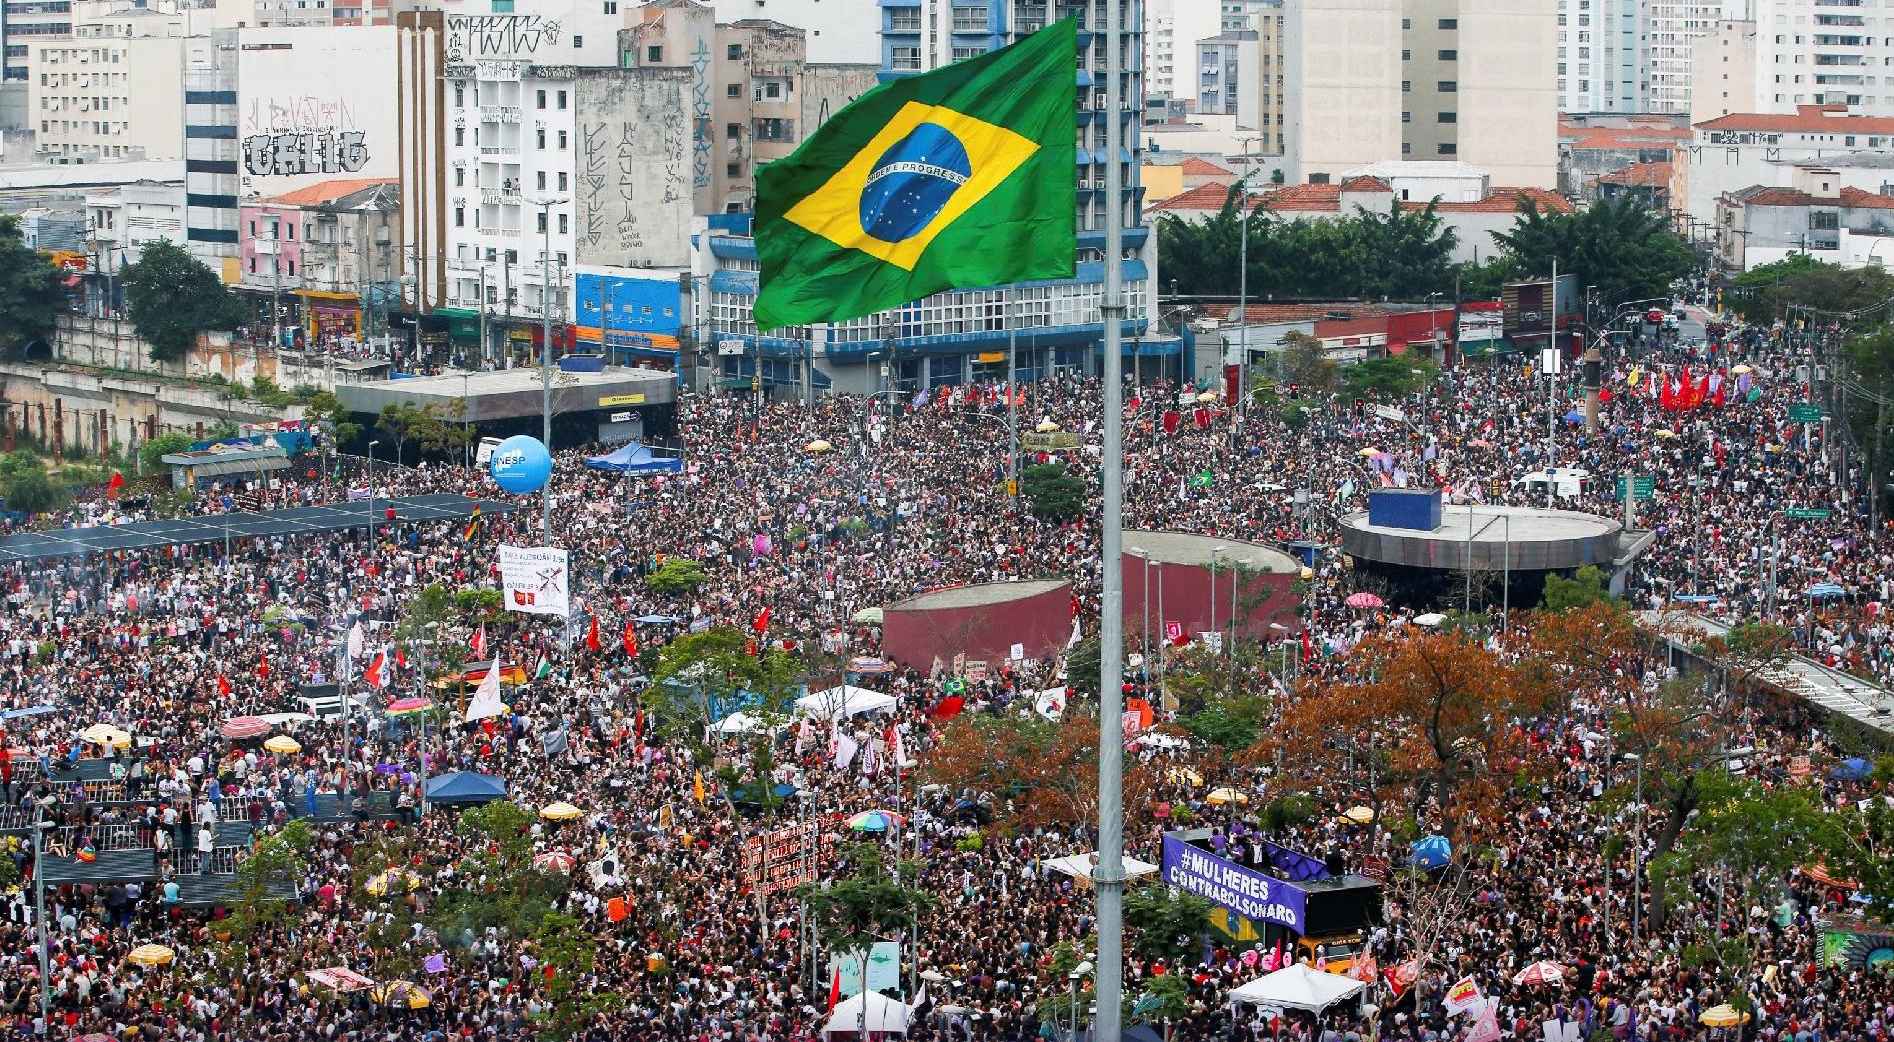 A uma semana da eleição, a crise voltou às ruas e qualquer resultado que aconteça o Brasil vai sair ainda mais dividido